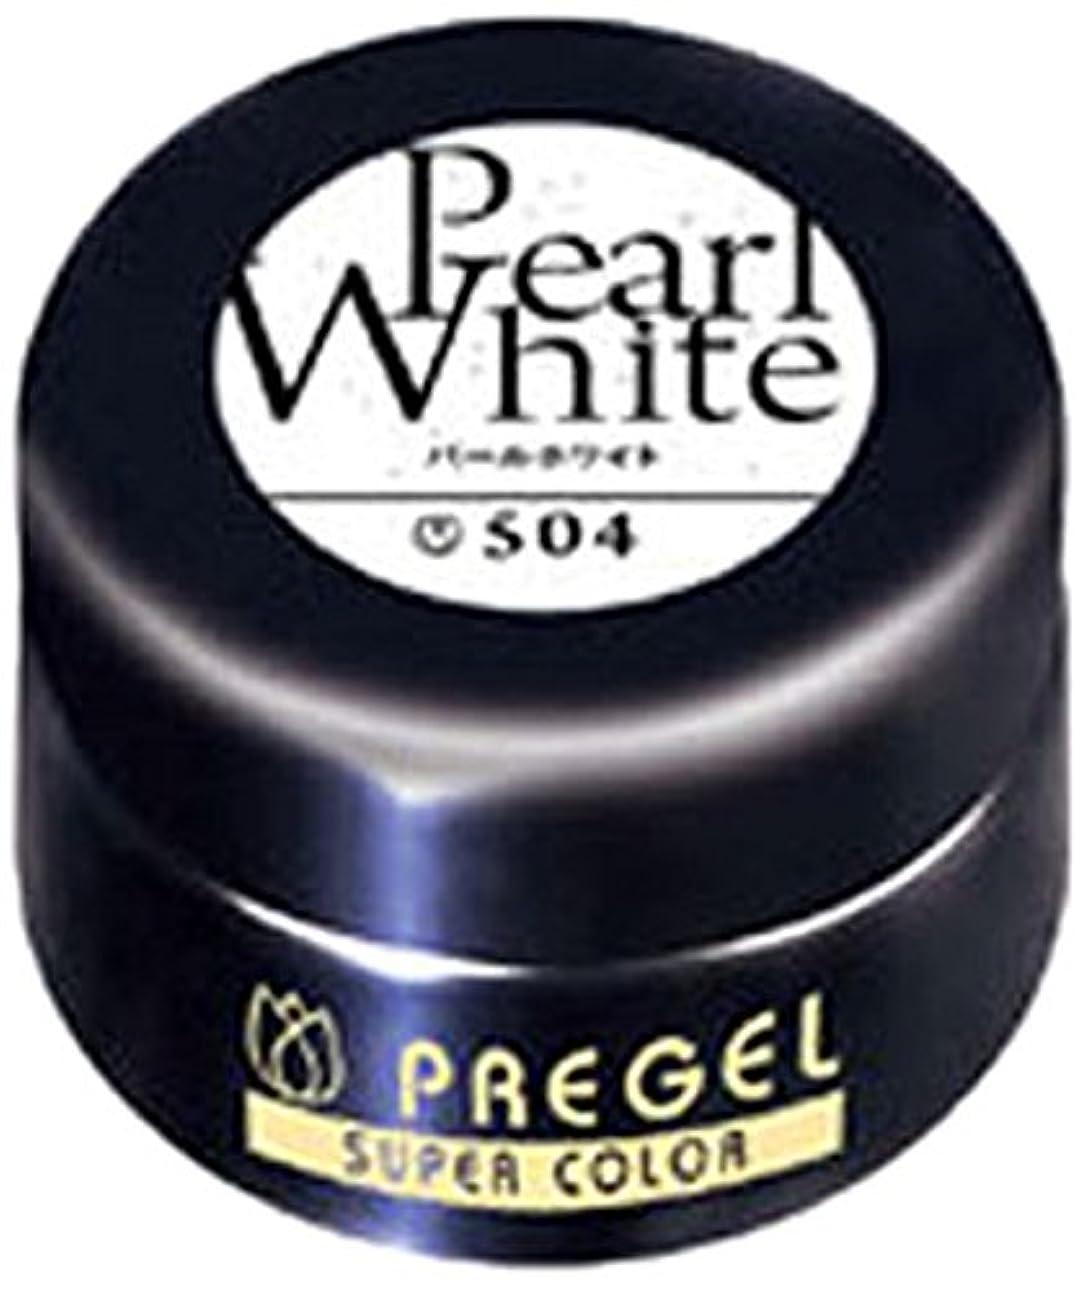 思われる大胆解決するプリジェル スーパーカラーEX パールホワイト 4g PG-SE504 カラージェル UV/LED対応